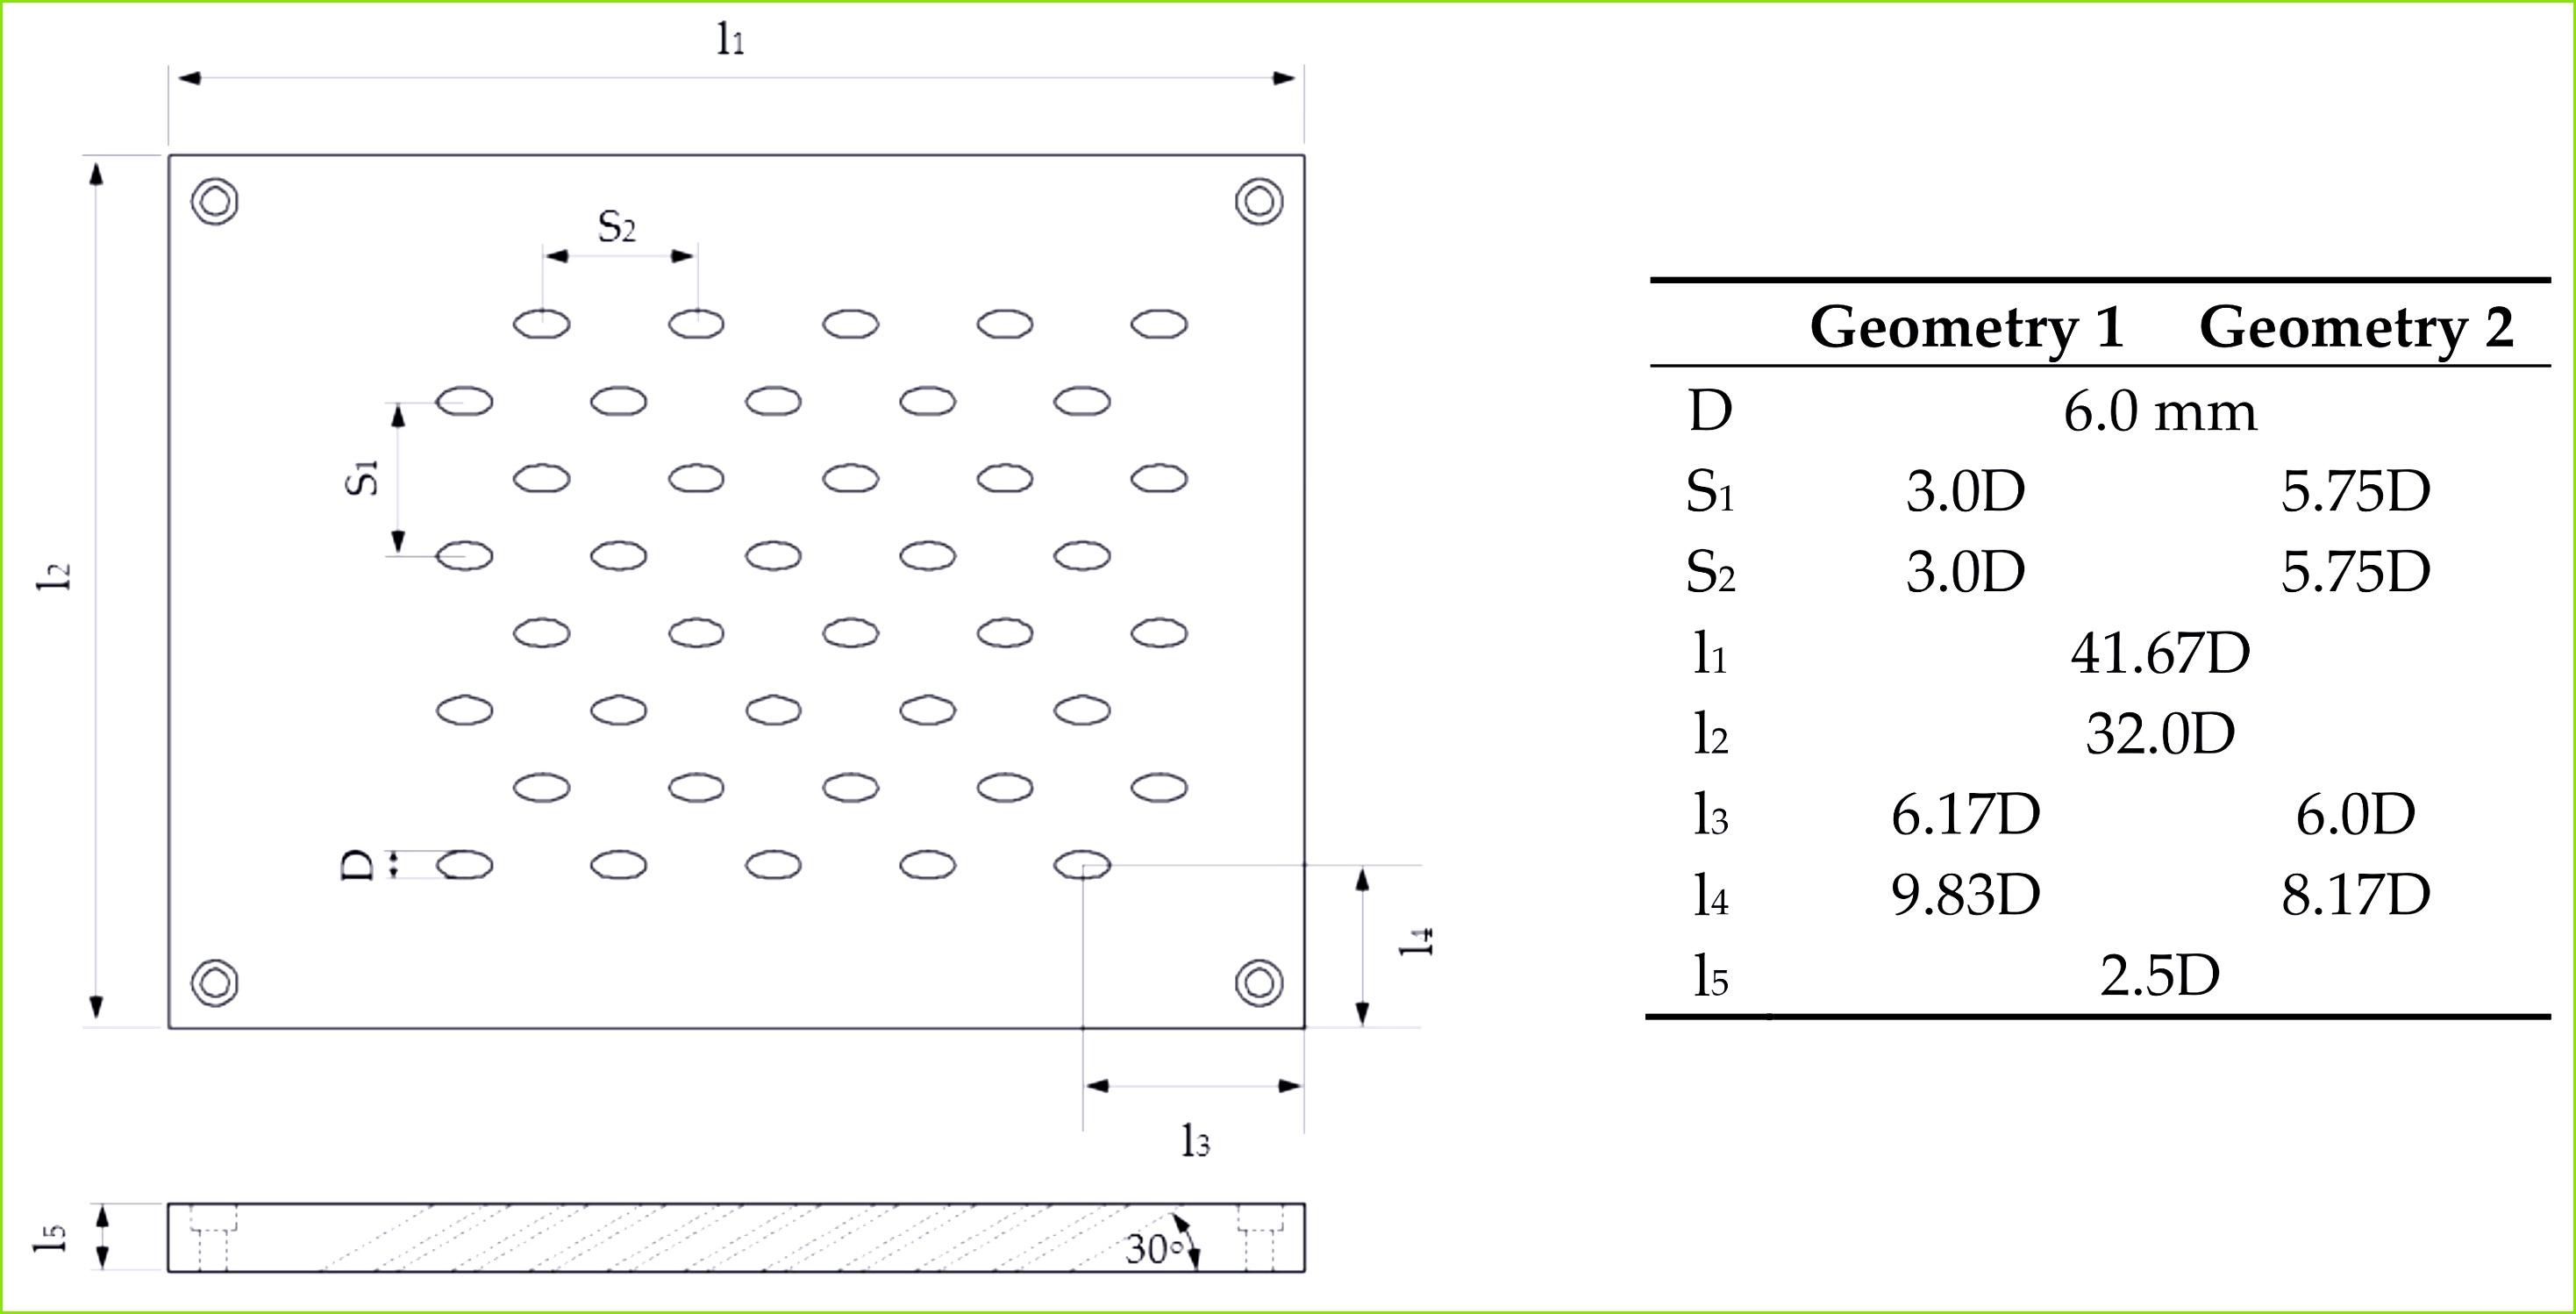 dxf vorlagen laserschneiden schon das beste von vorlage arbeitszeugnis ishowbox of dxf vorlagen laserschneiden